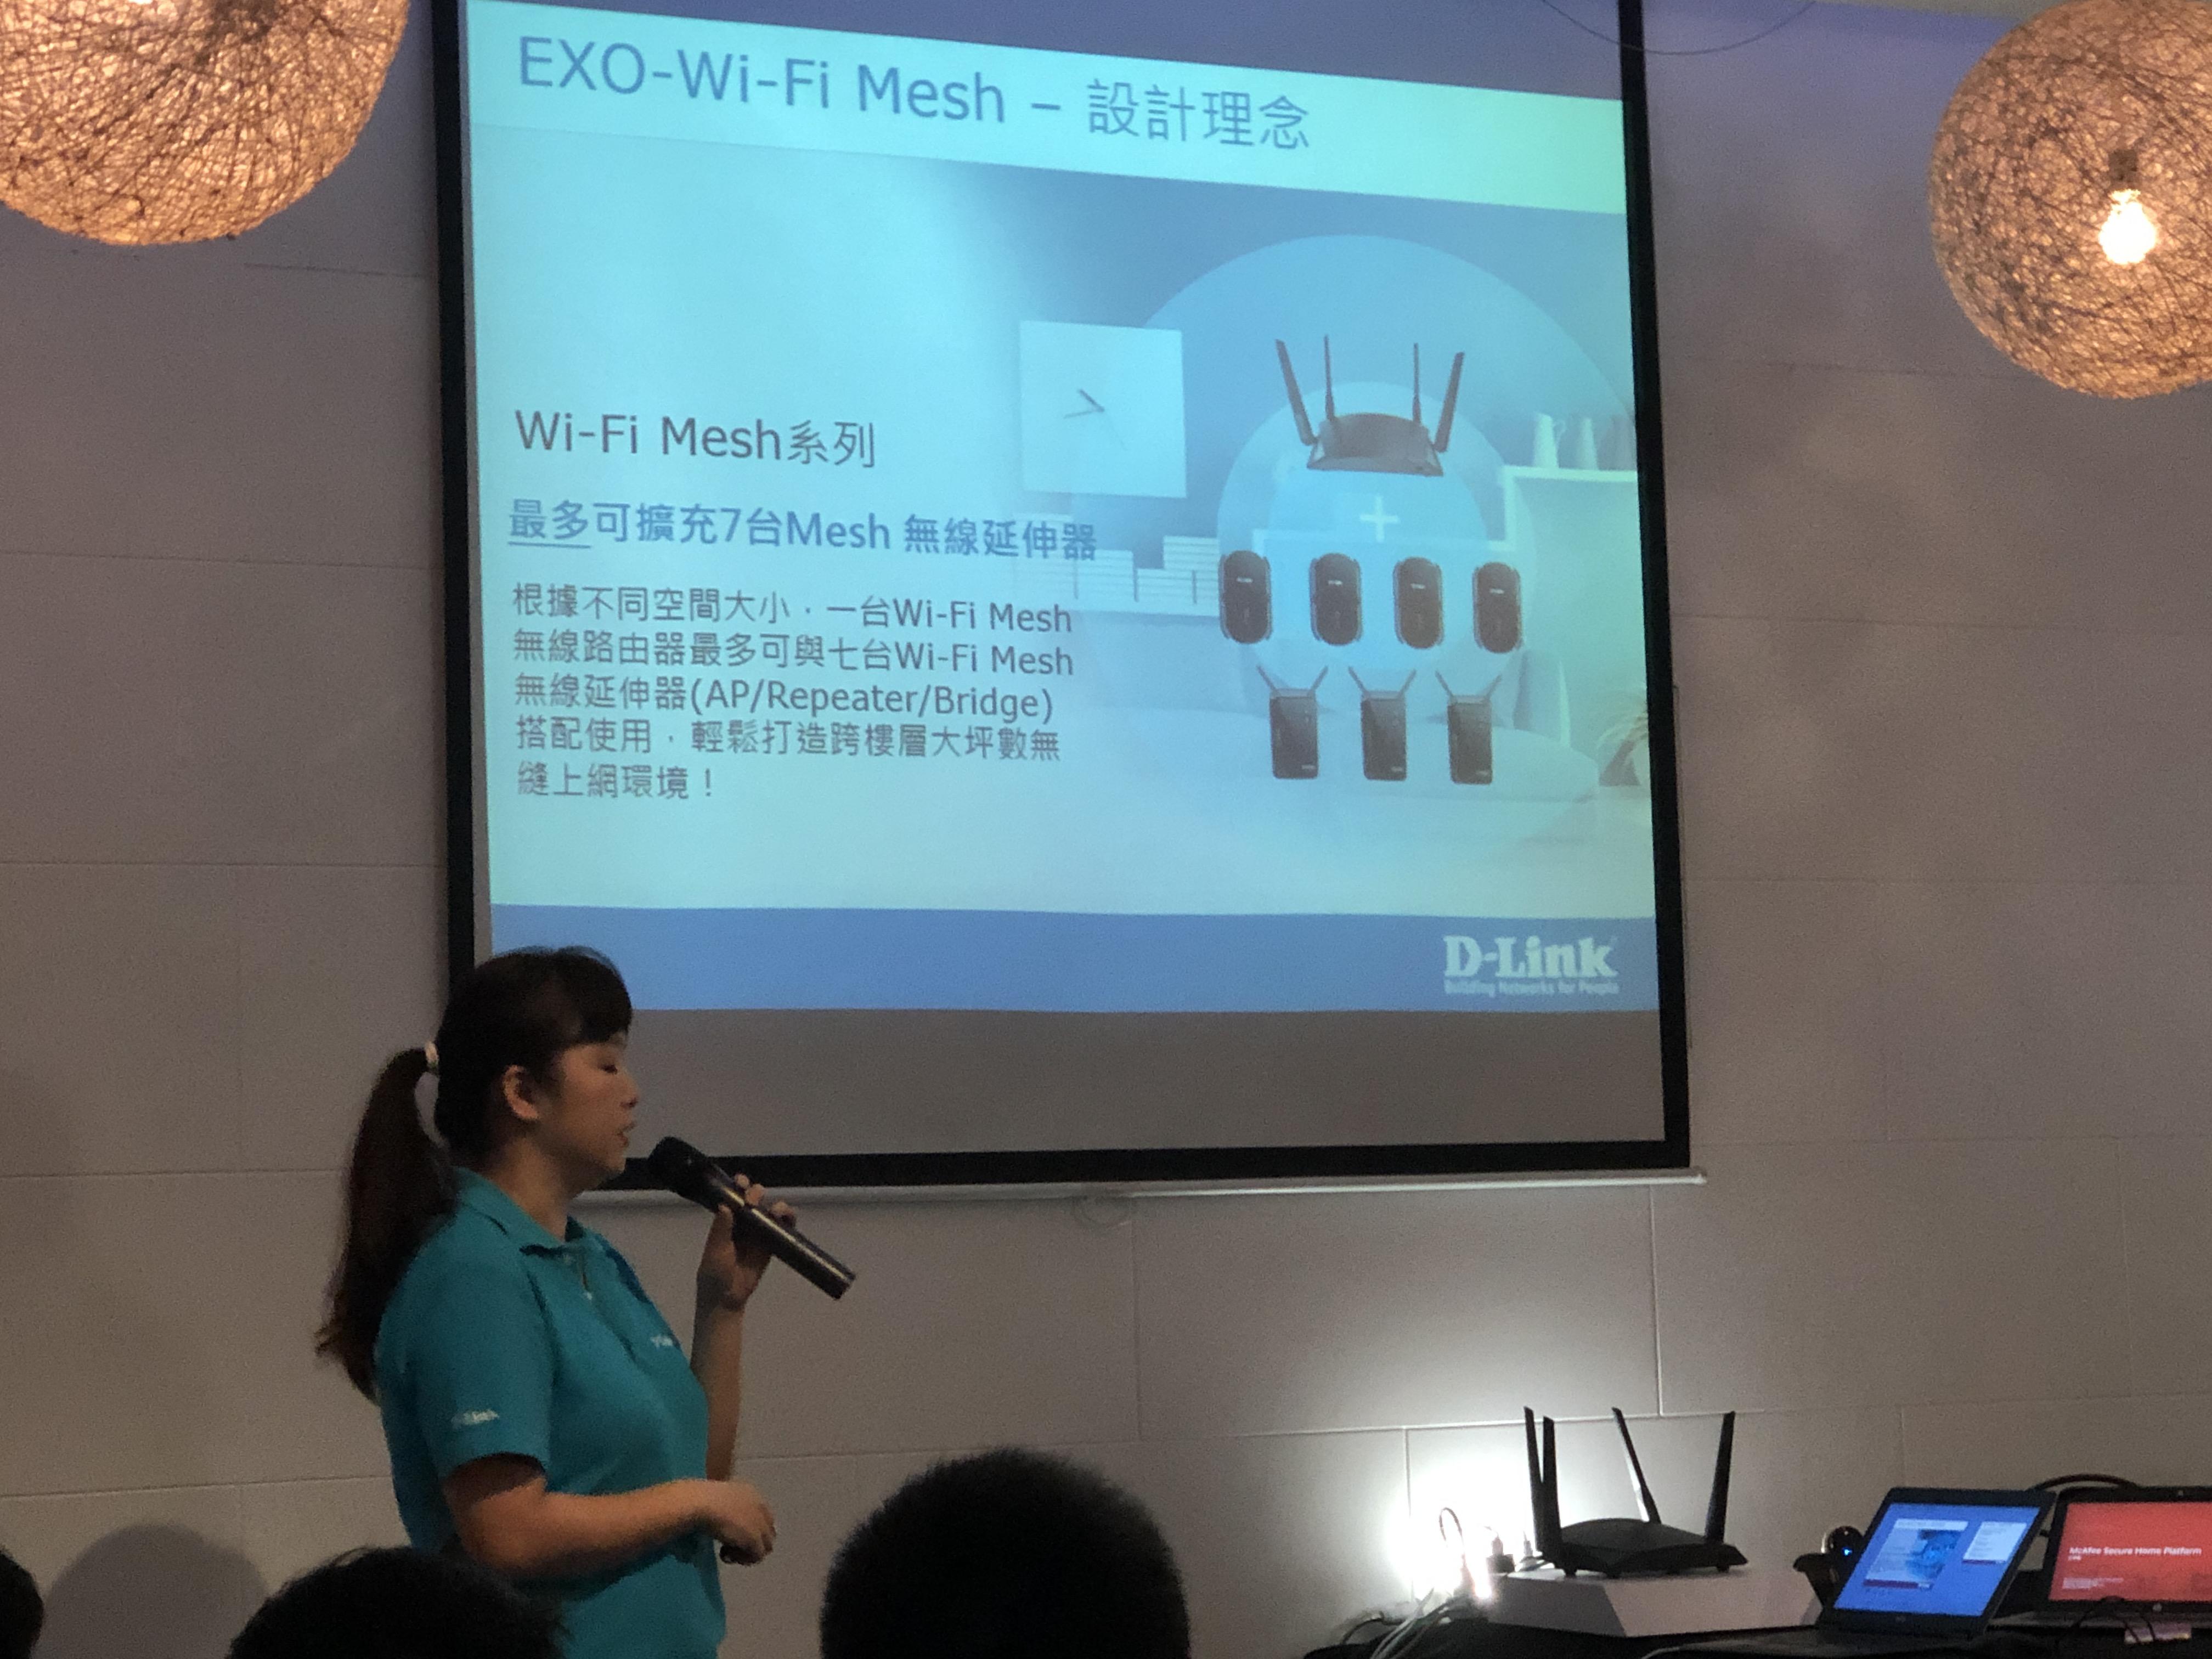 D-Link Wi-Fi Mesh無線路由器最多可以連線七台無線延伸器